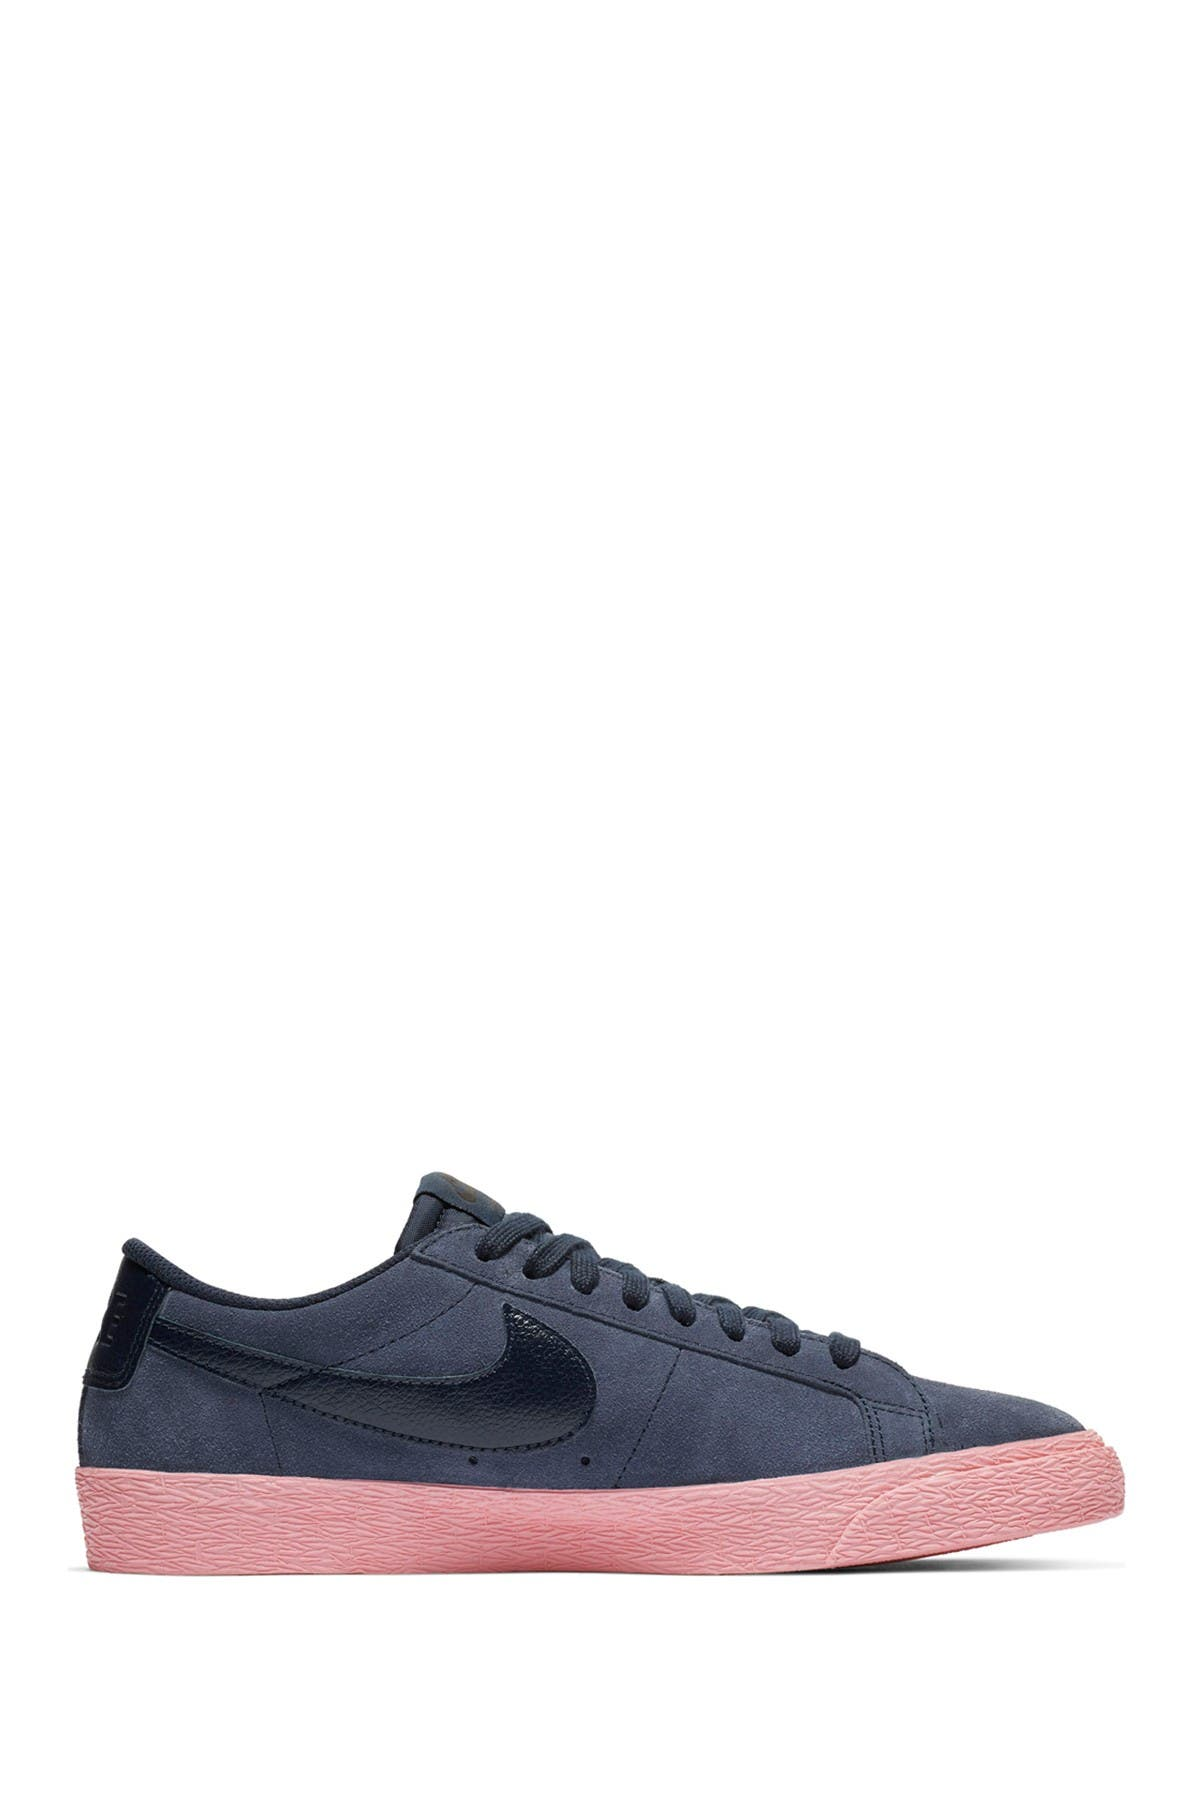 Nike | SB Zoom Blazer Low Skateboarding